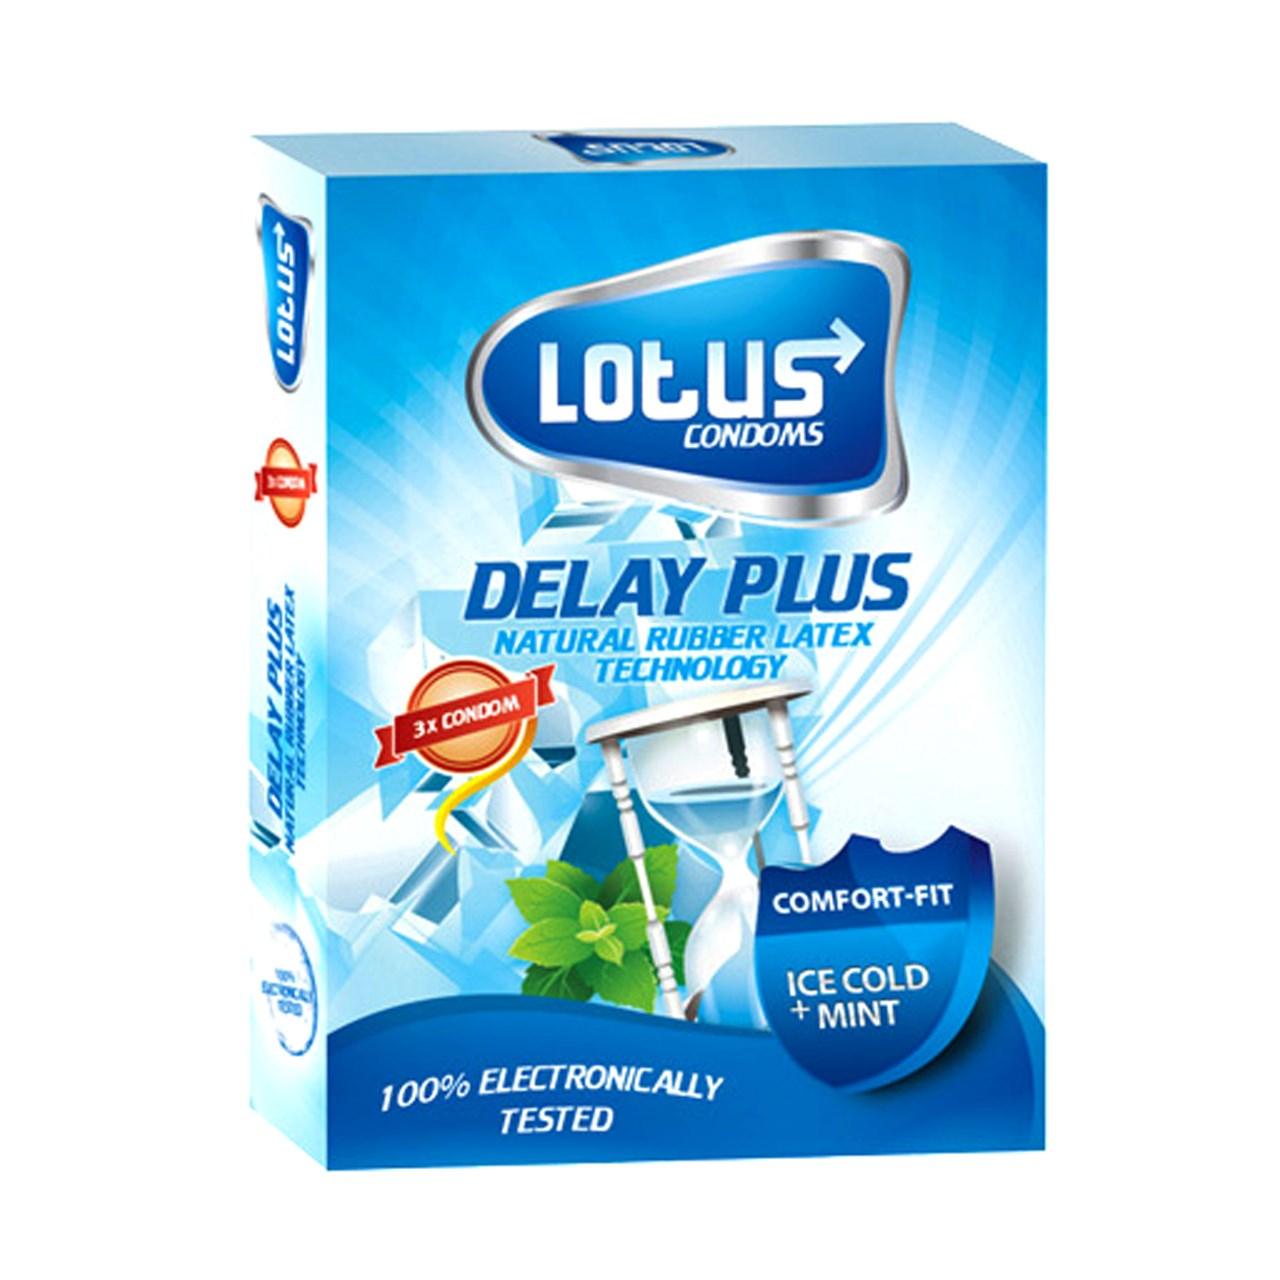 کاندوم لوتوس مدل DELAY PLUS بسته 3 عددی